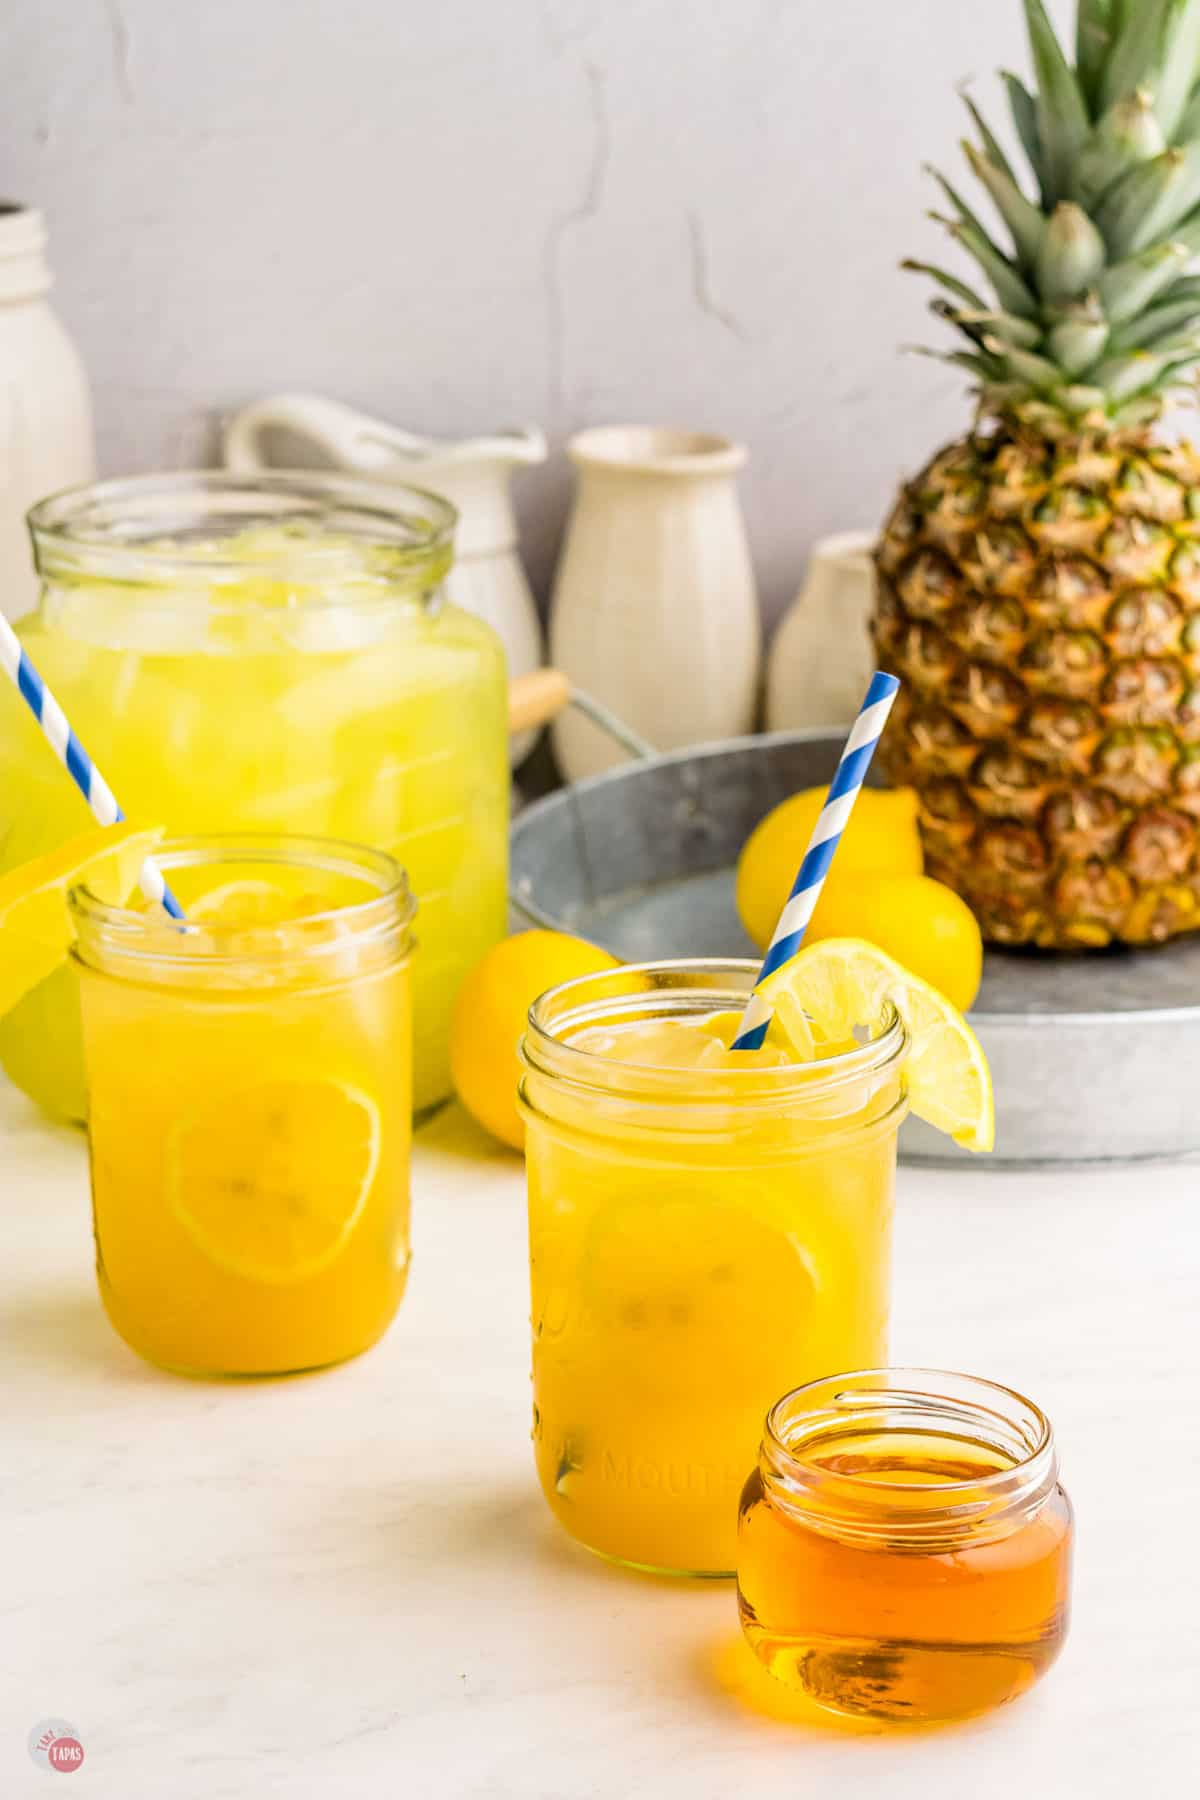 two glasses of pineapple bourbon lemonade